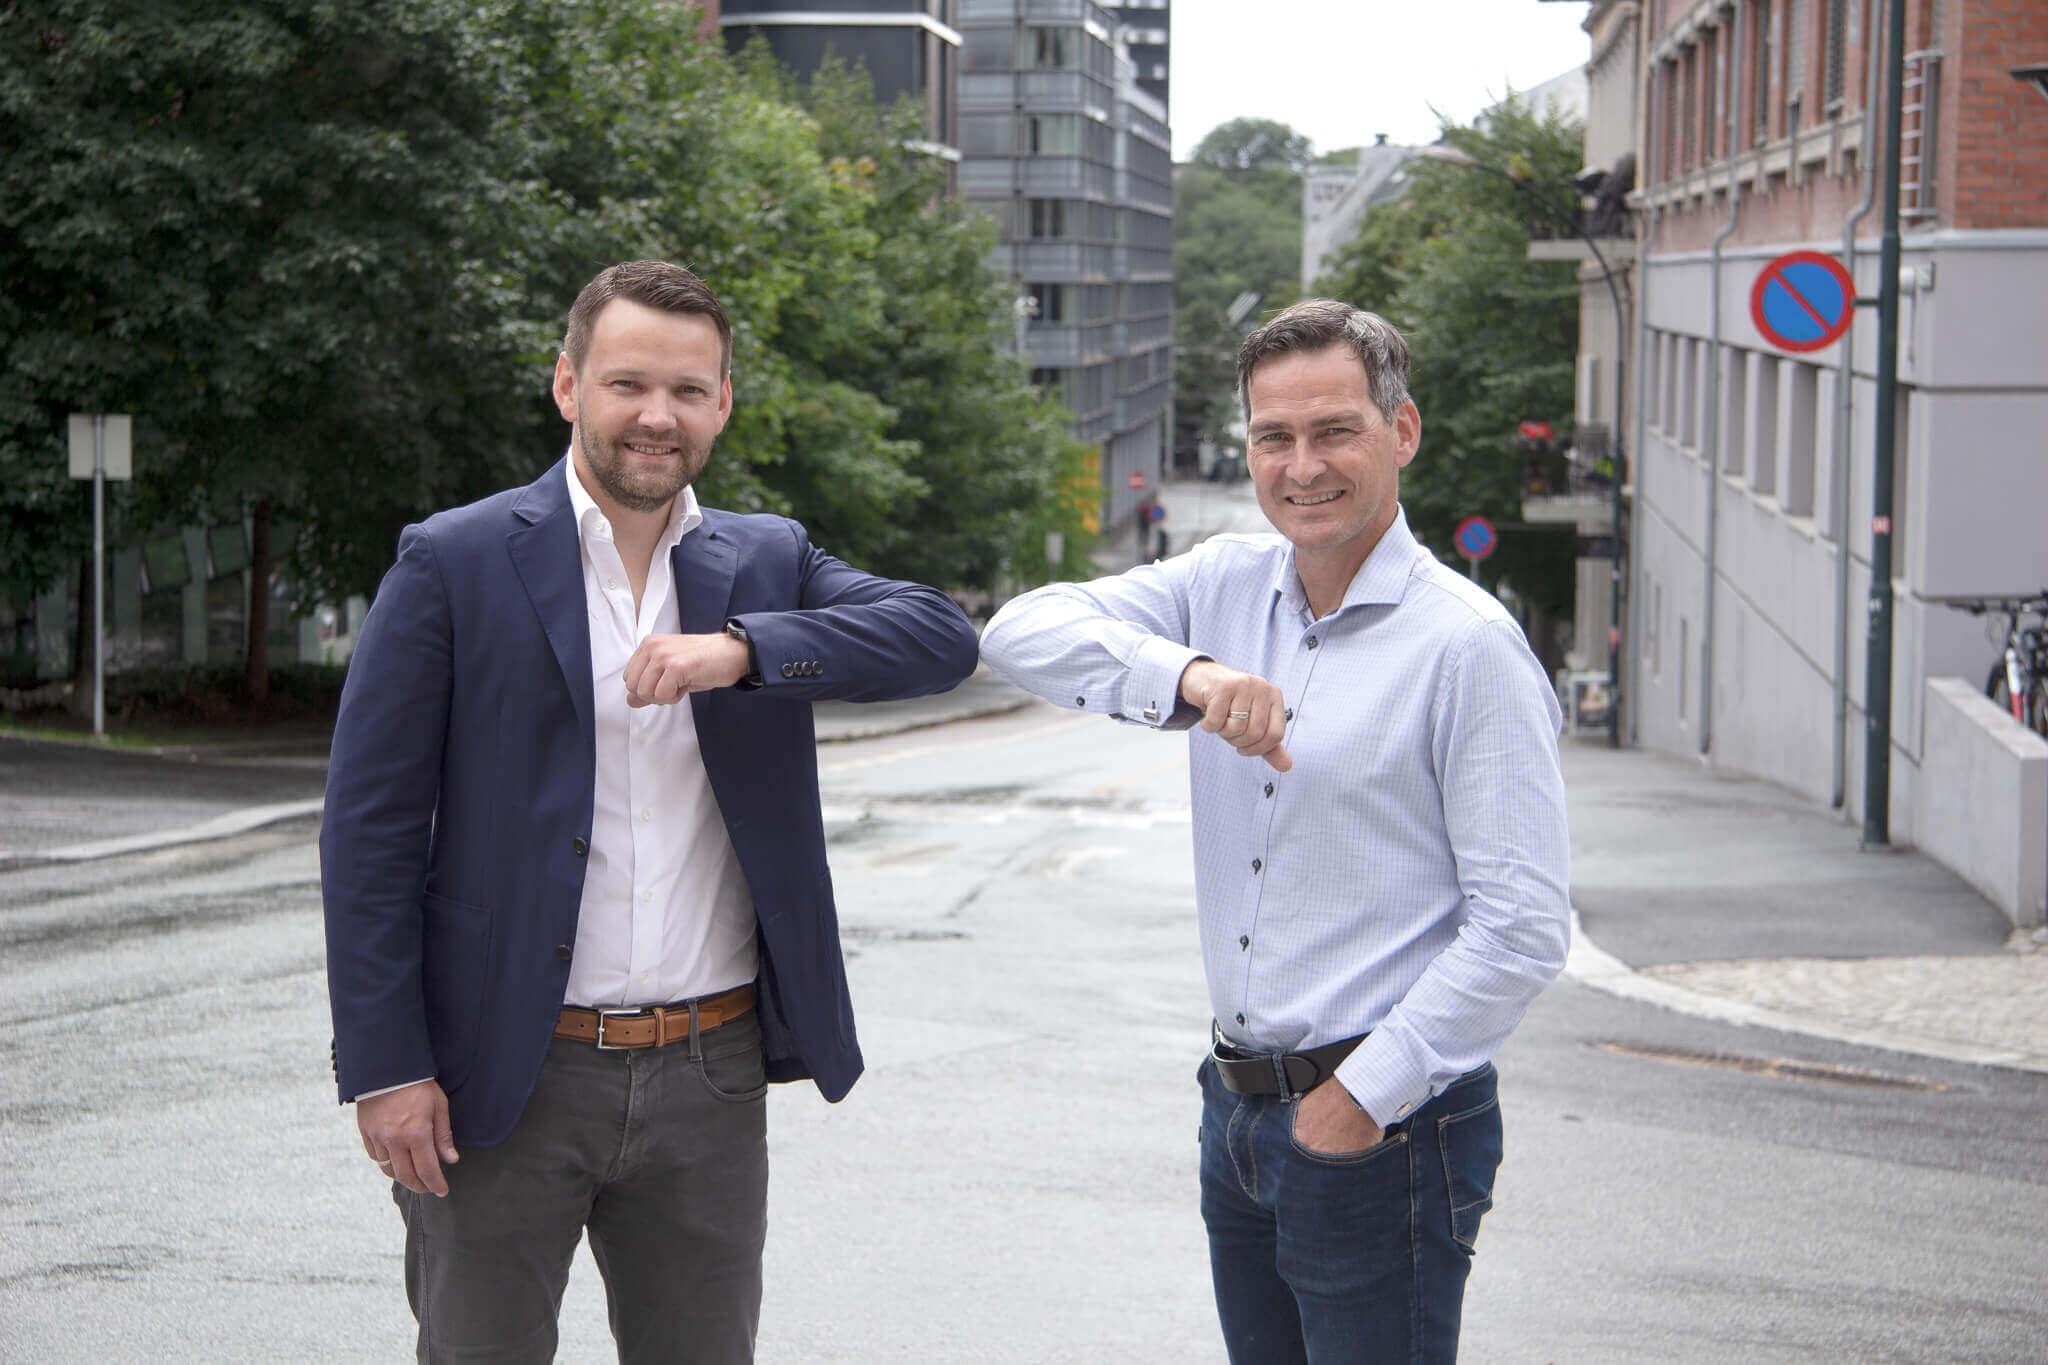 Torkil i APEX og Bjørn i NOBB smiler og møter albuer på gata